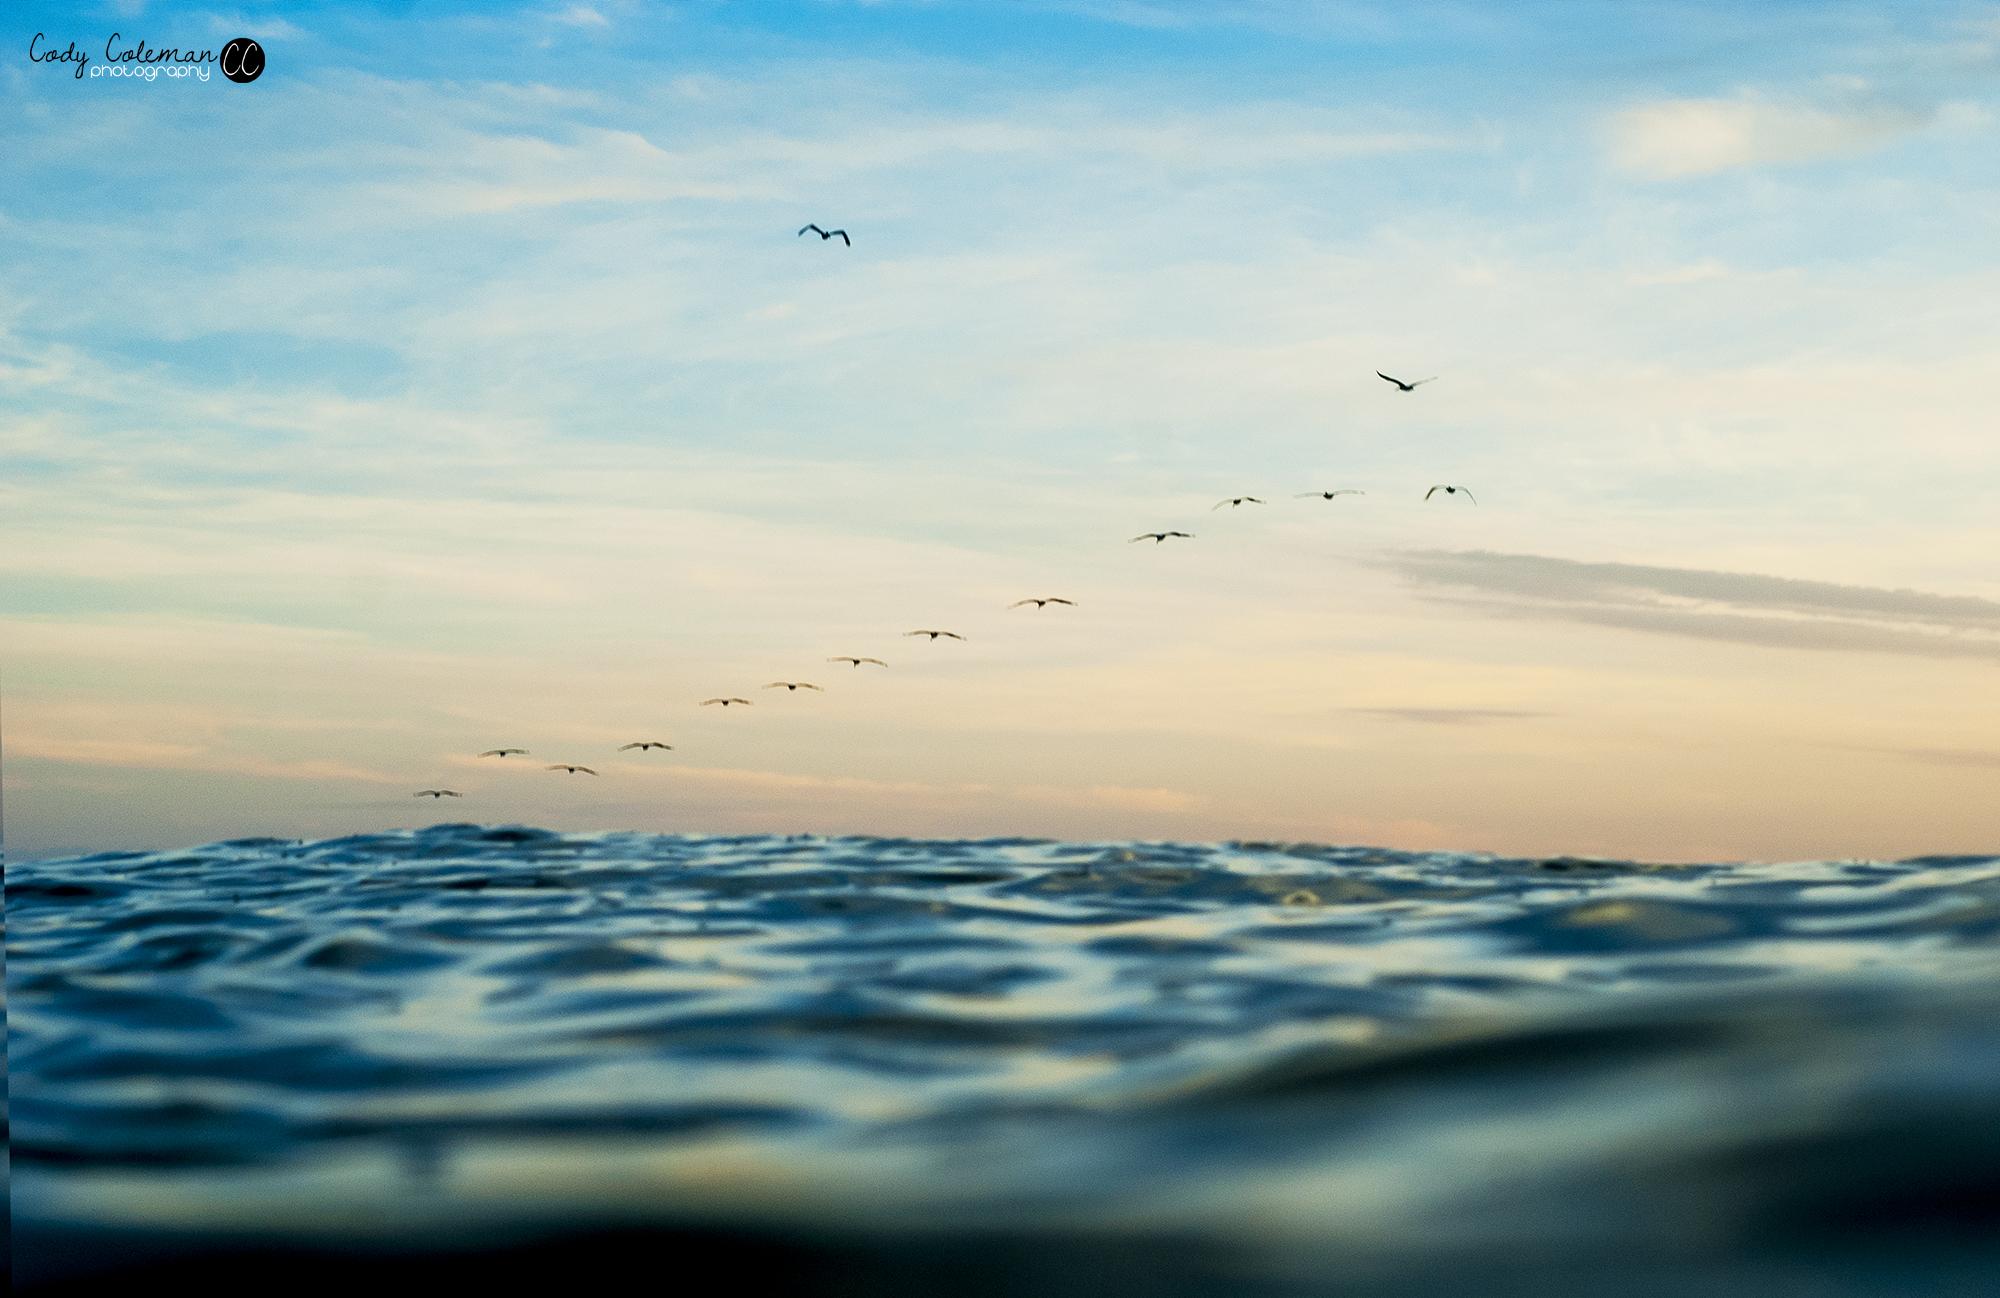 Pelicans_birds_Water_Flight